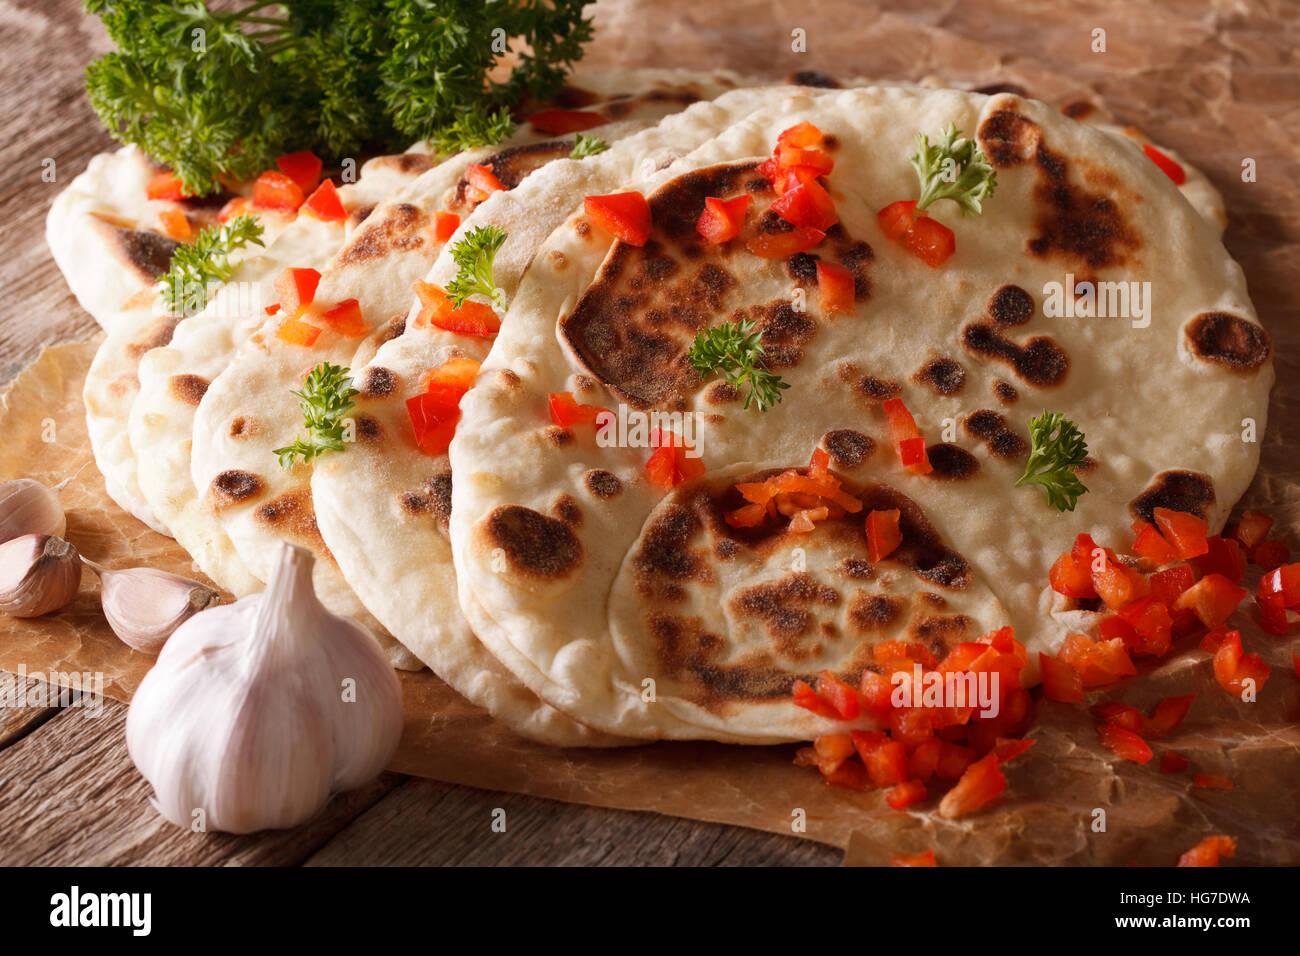 Naan indiano pane piatto con aglio e pepe macro sul tavolo. Posizione orizzontale Immagini Stock